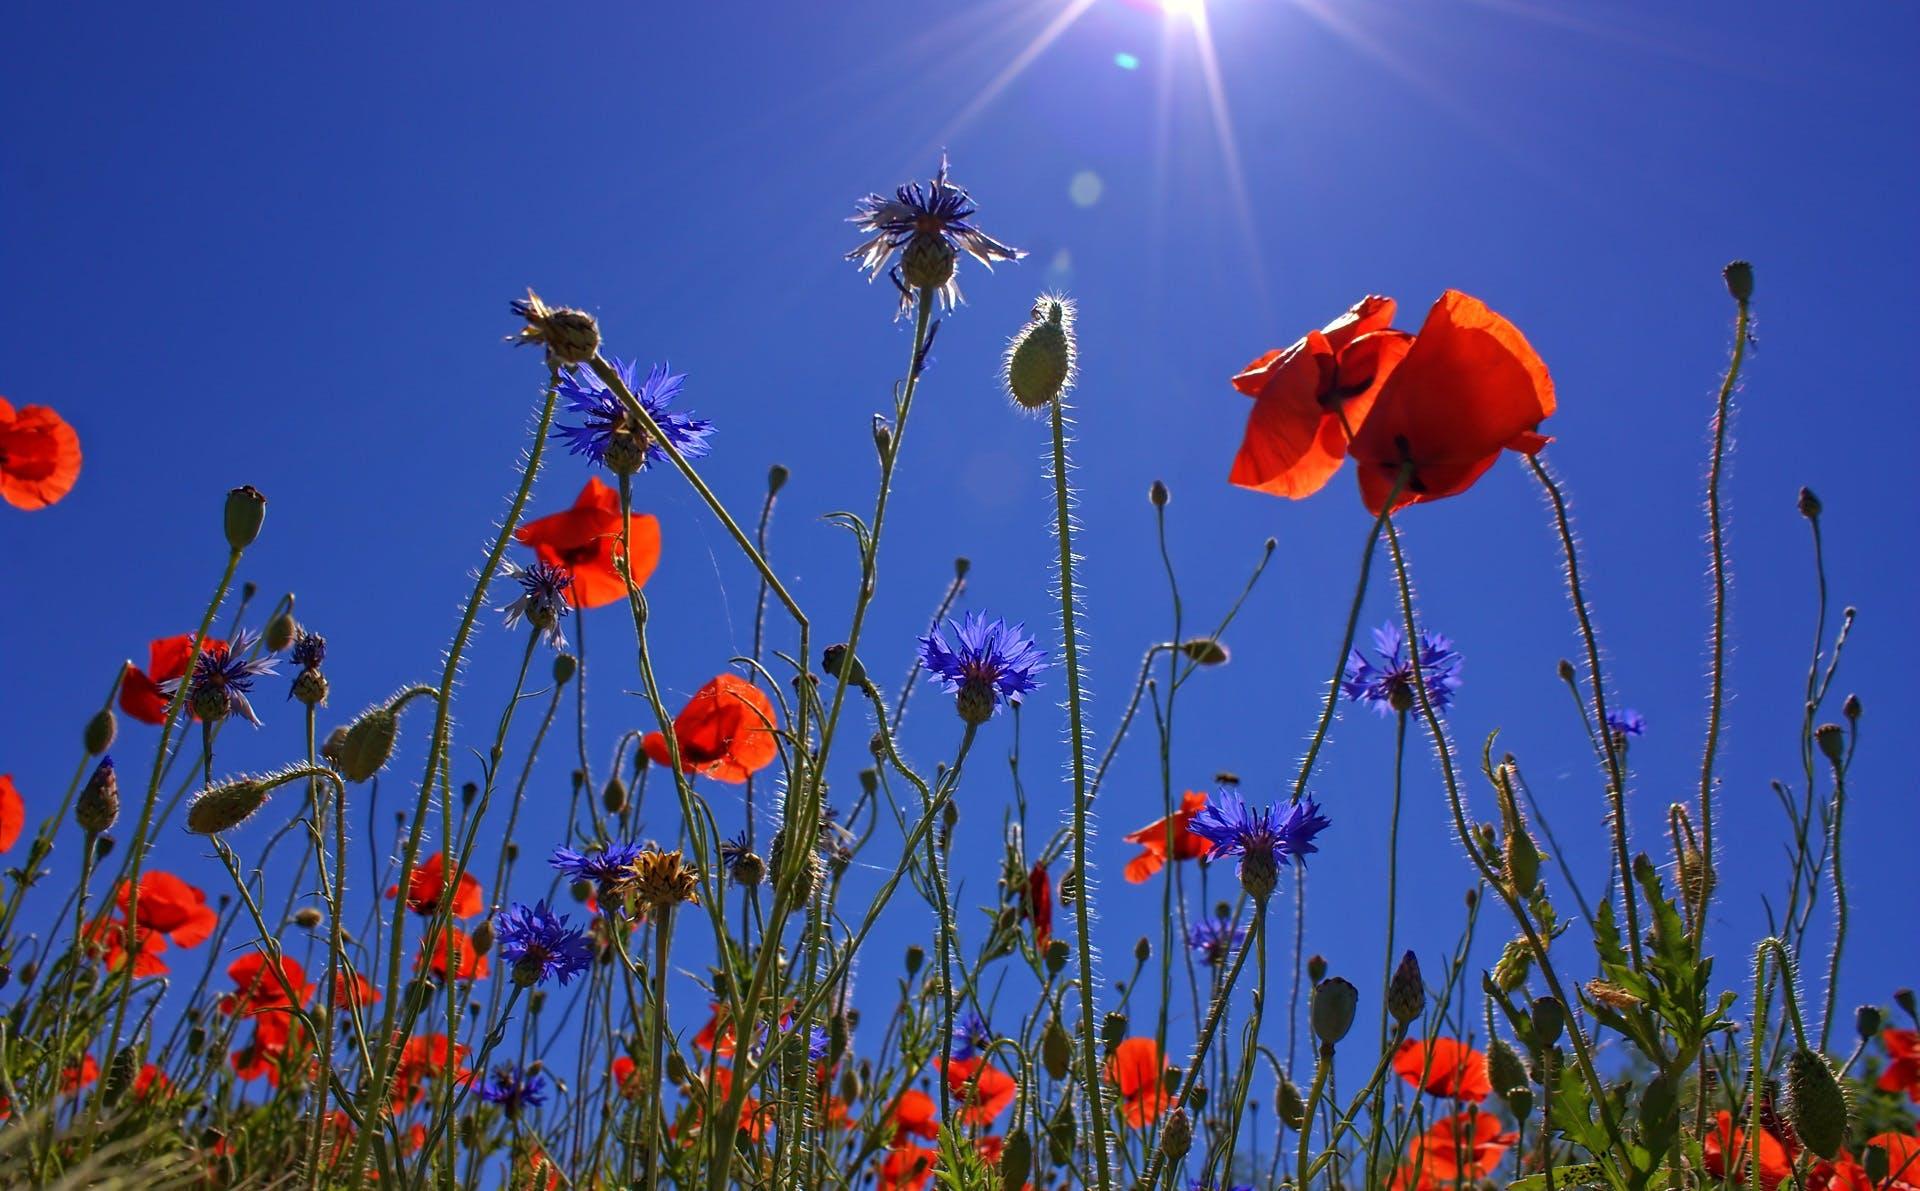 Orange Multi Petaled Flower Under Blue Sky during Daytime